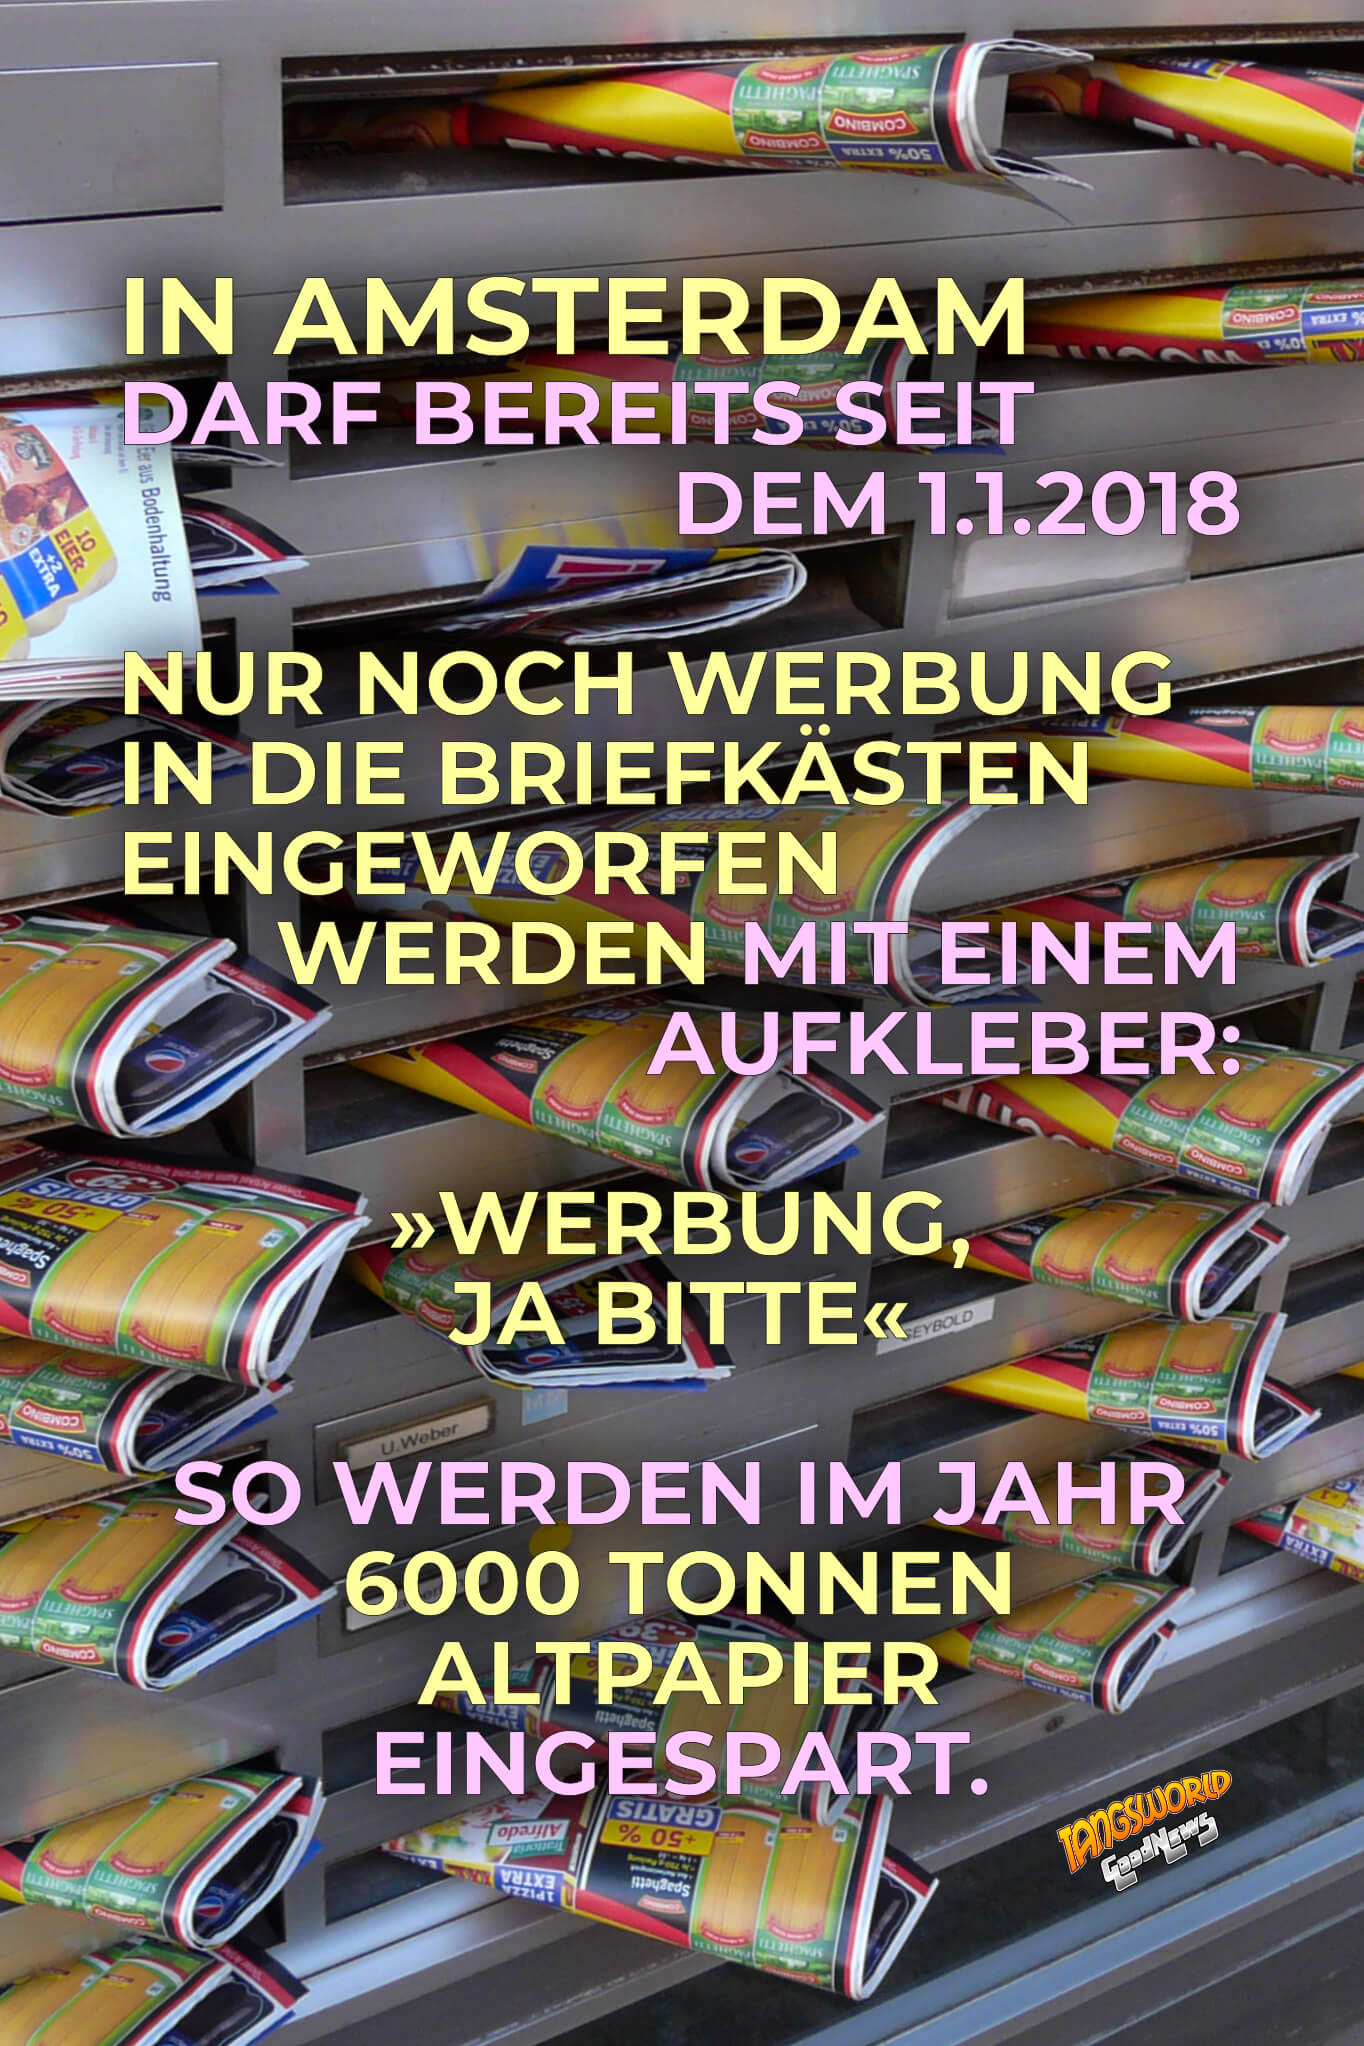 """In Amsterdam darf seit dem 1.1.2018 nur noch Werbung in die Briefkästen eingeworfen werden mit einem Aufkleber """"Werbung, ja bitte"""". So werden 6000 Tonnen Altpapier im Jahr eingespart. - GoodNews"""